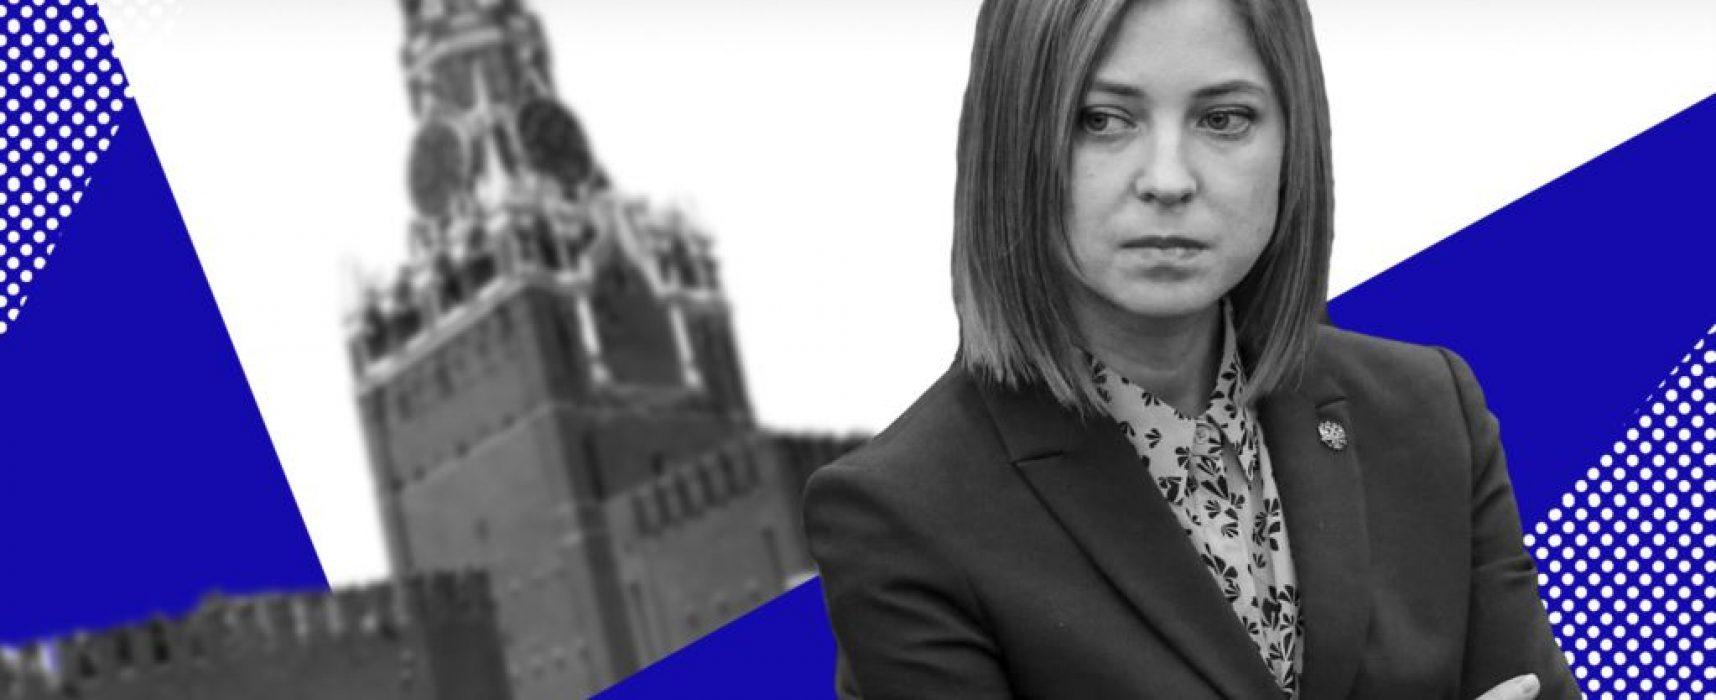 Виталий Портников: Политик «нового типа»